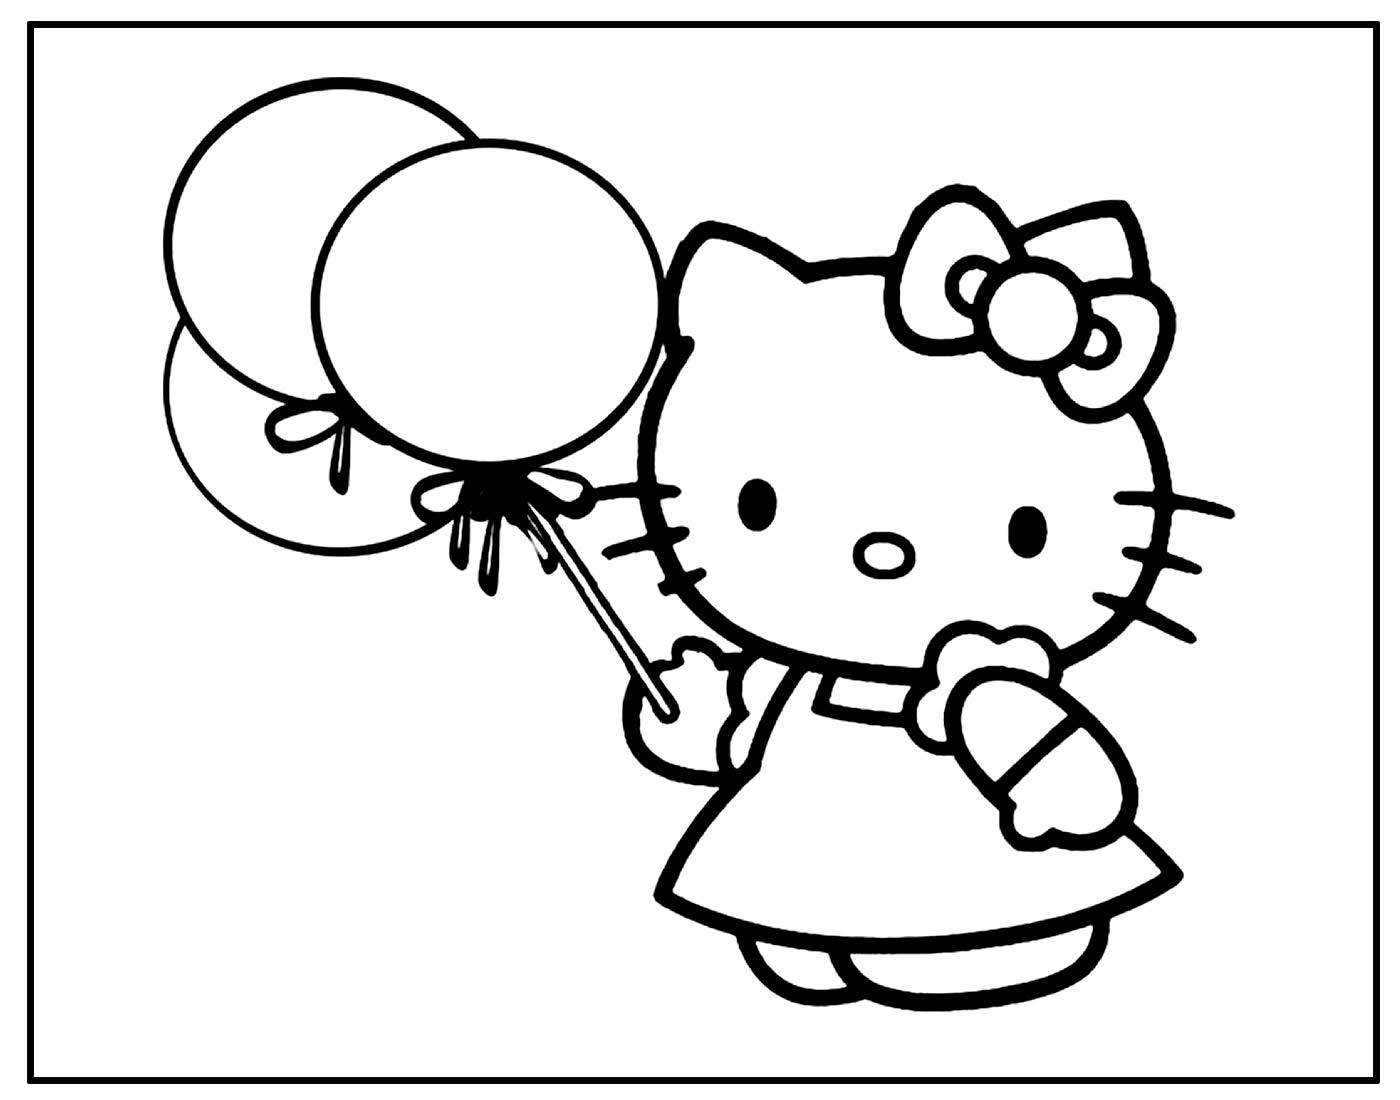 Desenho para pintar da Hello Kitty